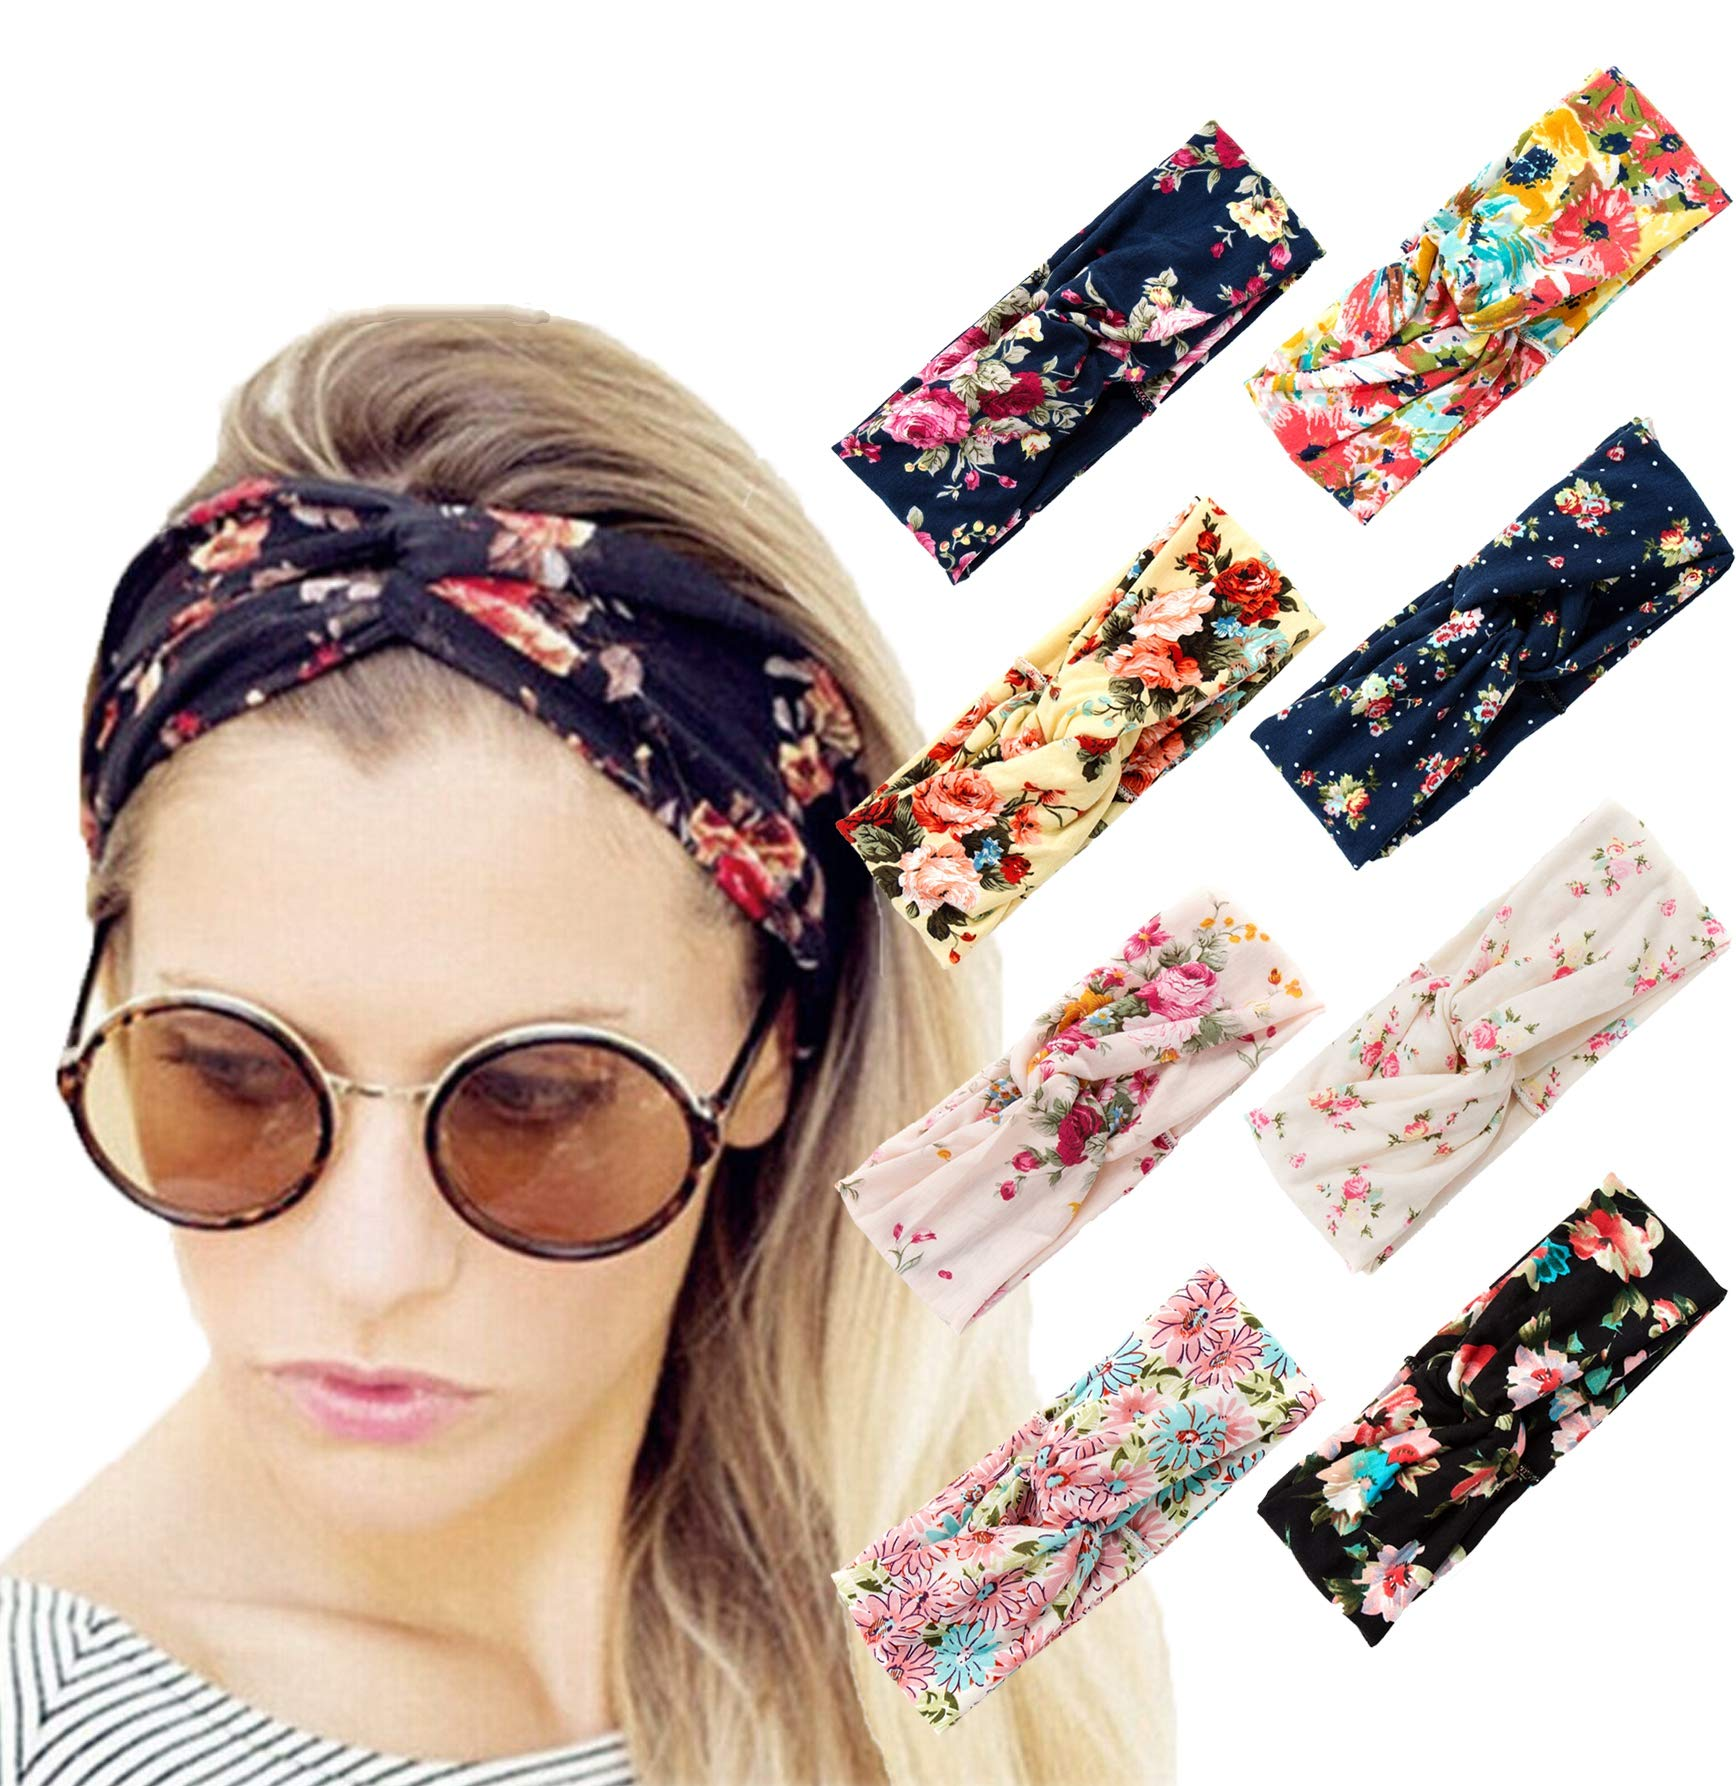 Vegolita 8 Pack Headbands for Women Girls Yoga Head Wrap Hair Band Boho Flower Elastic